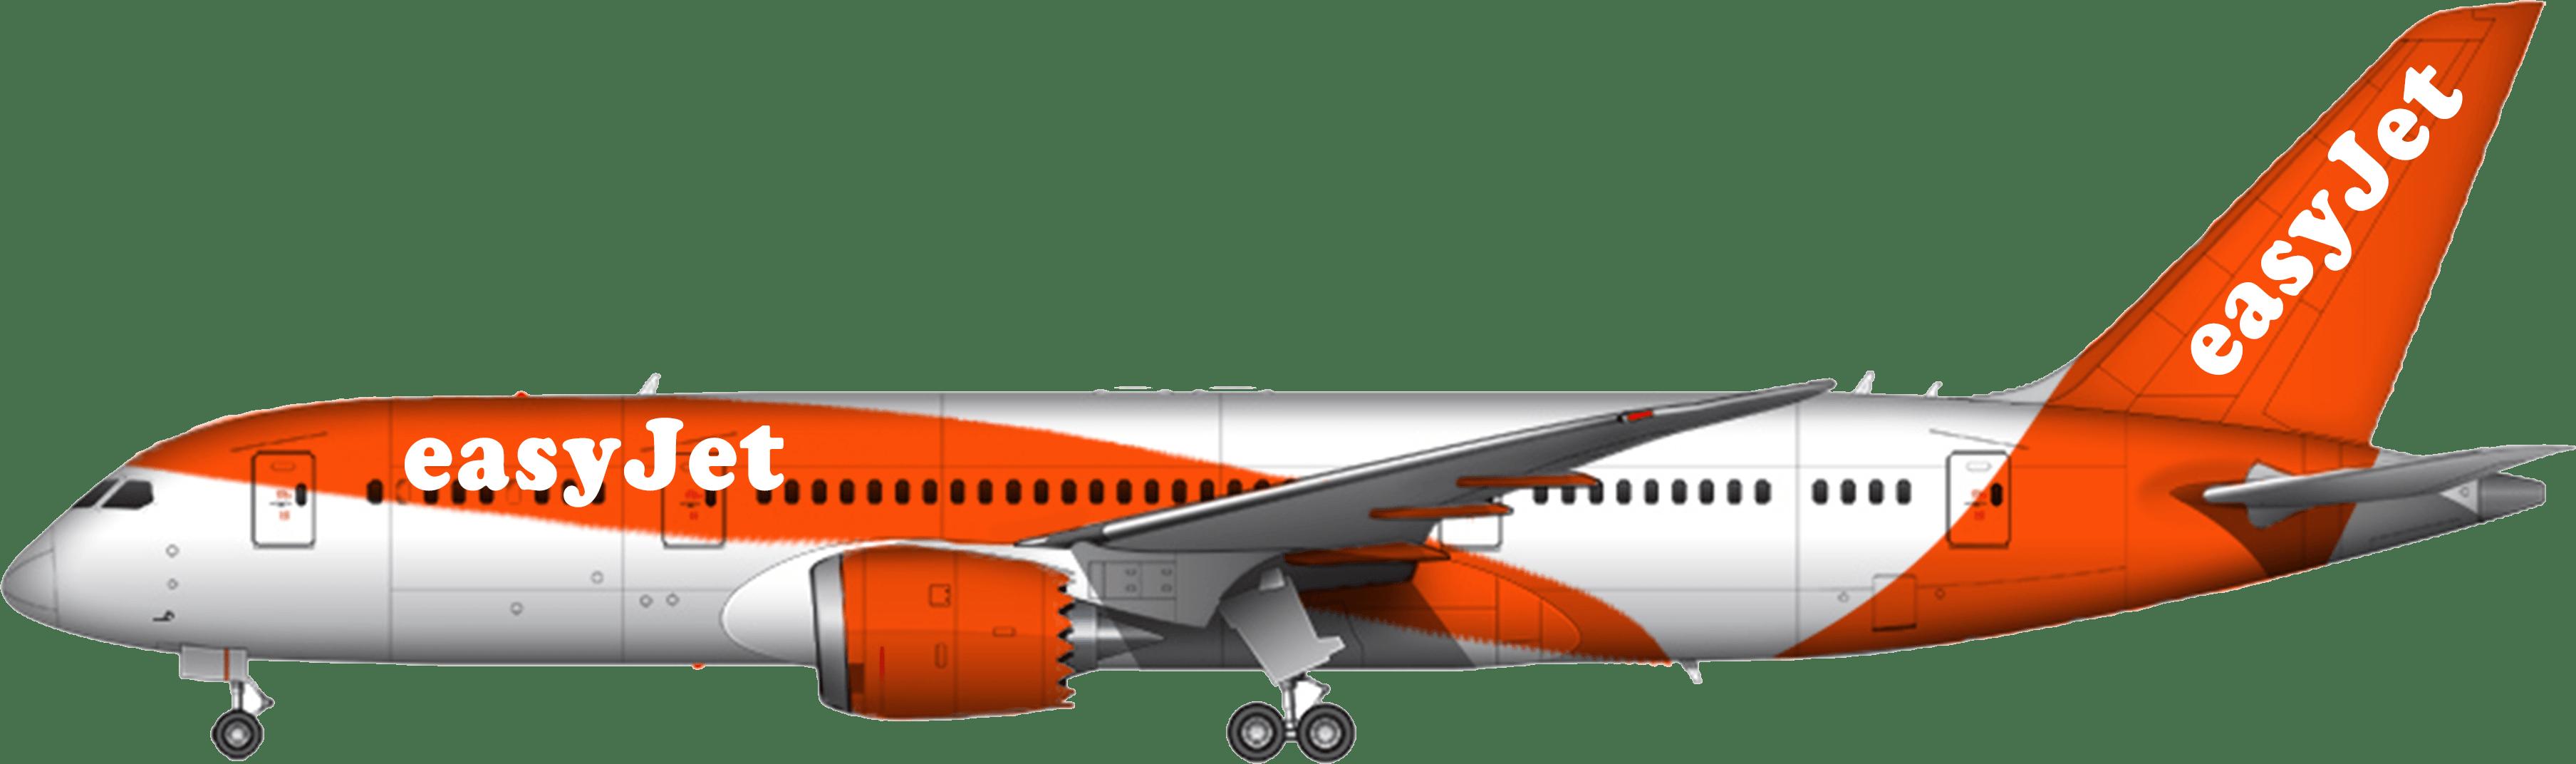 Easyjet Logo PNG - 108205